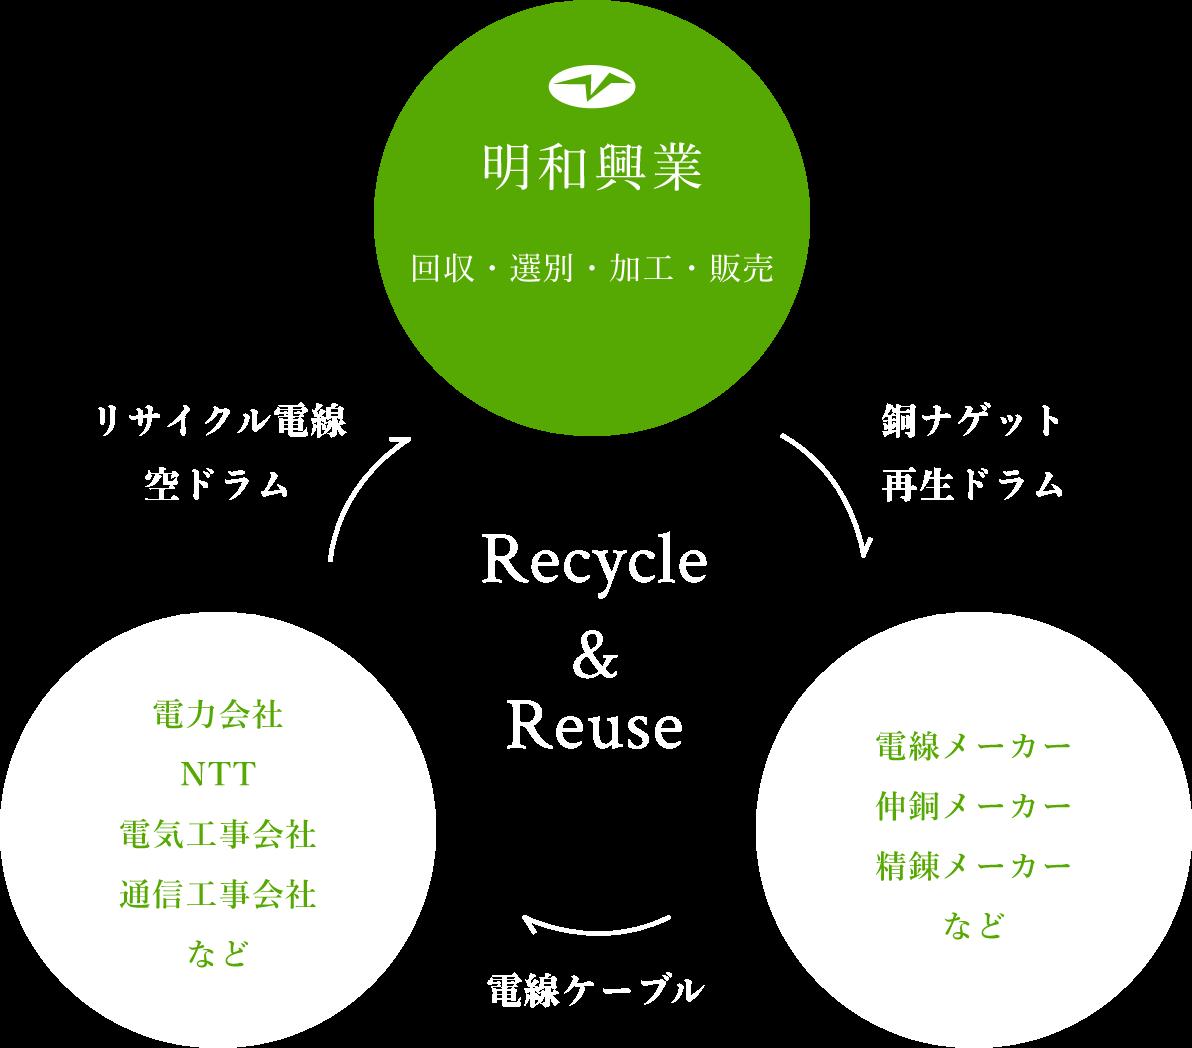 明和興業が取り組むリユースとリサイクルの流れの図